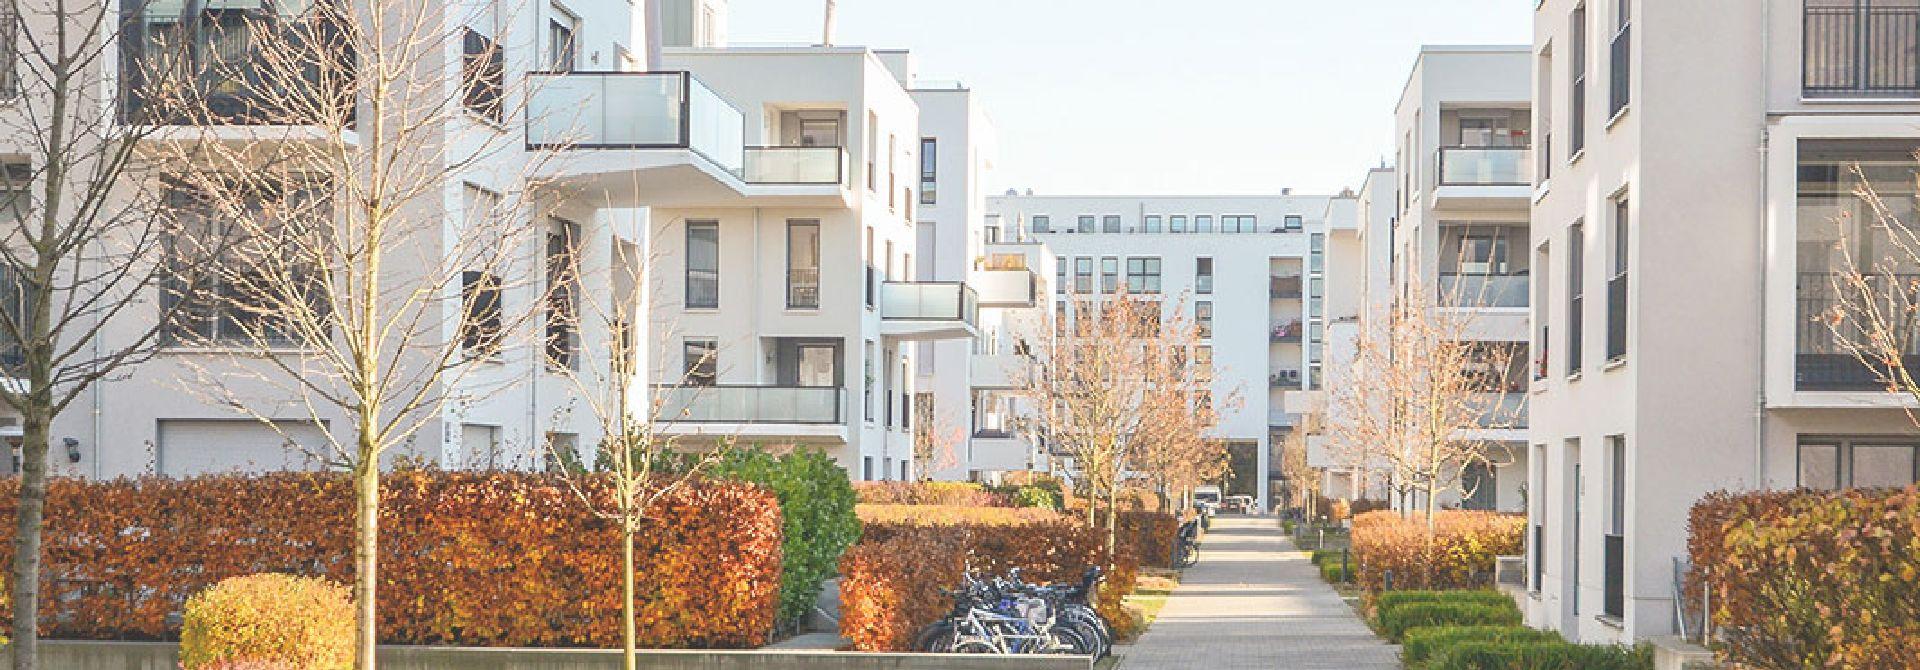 Immobilienmakler bei Markt Schwaben